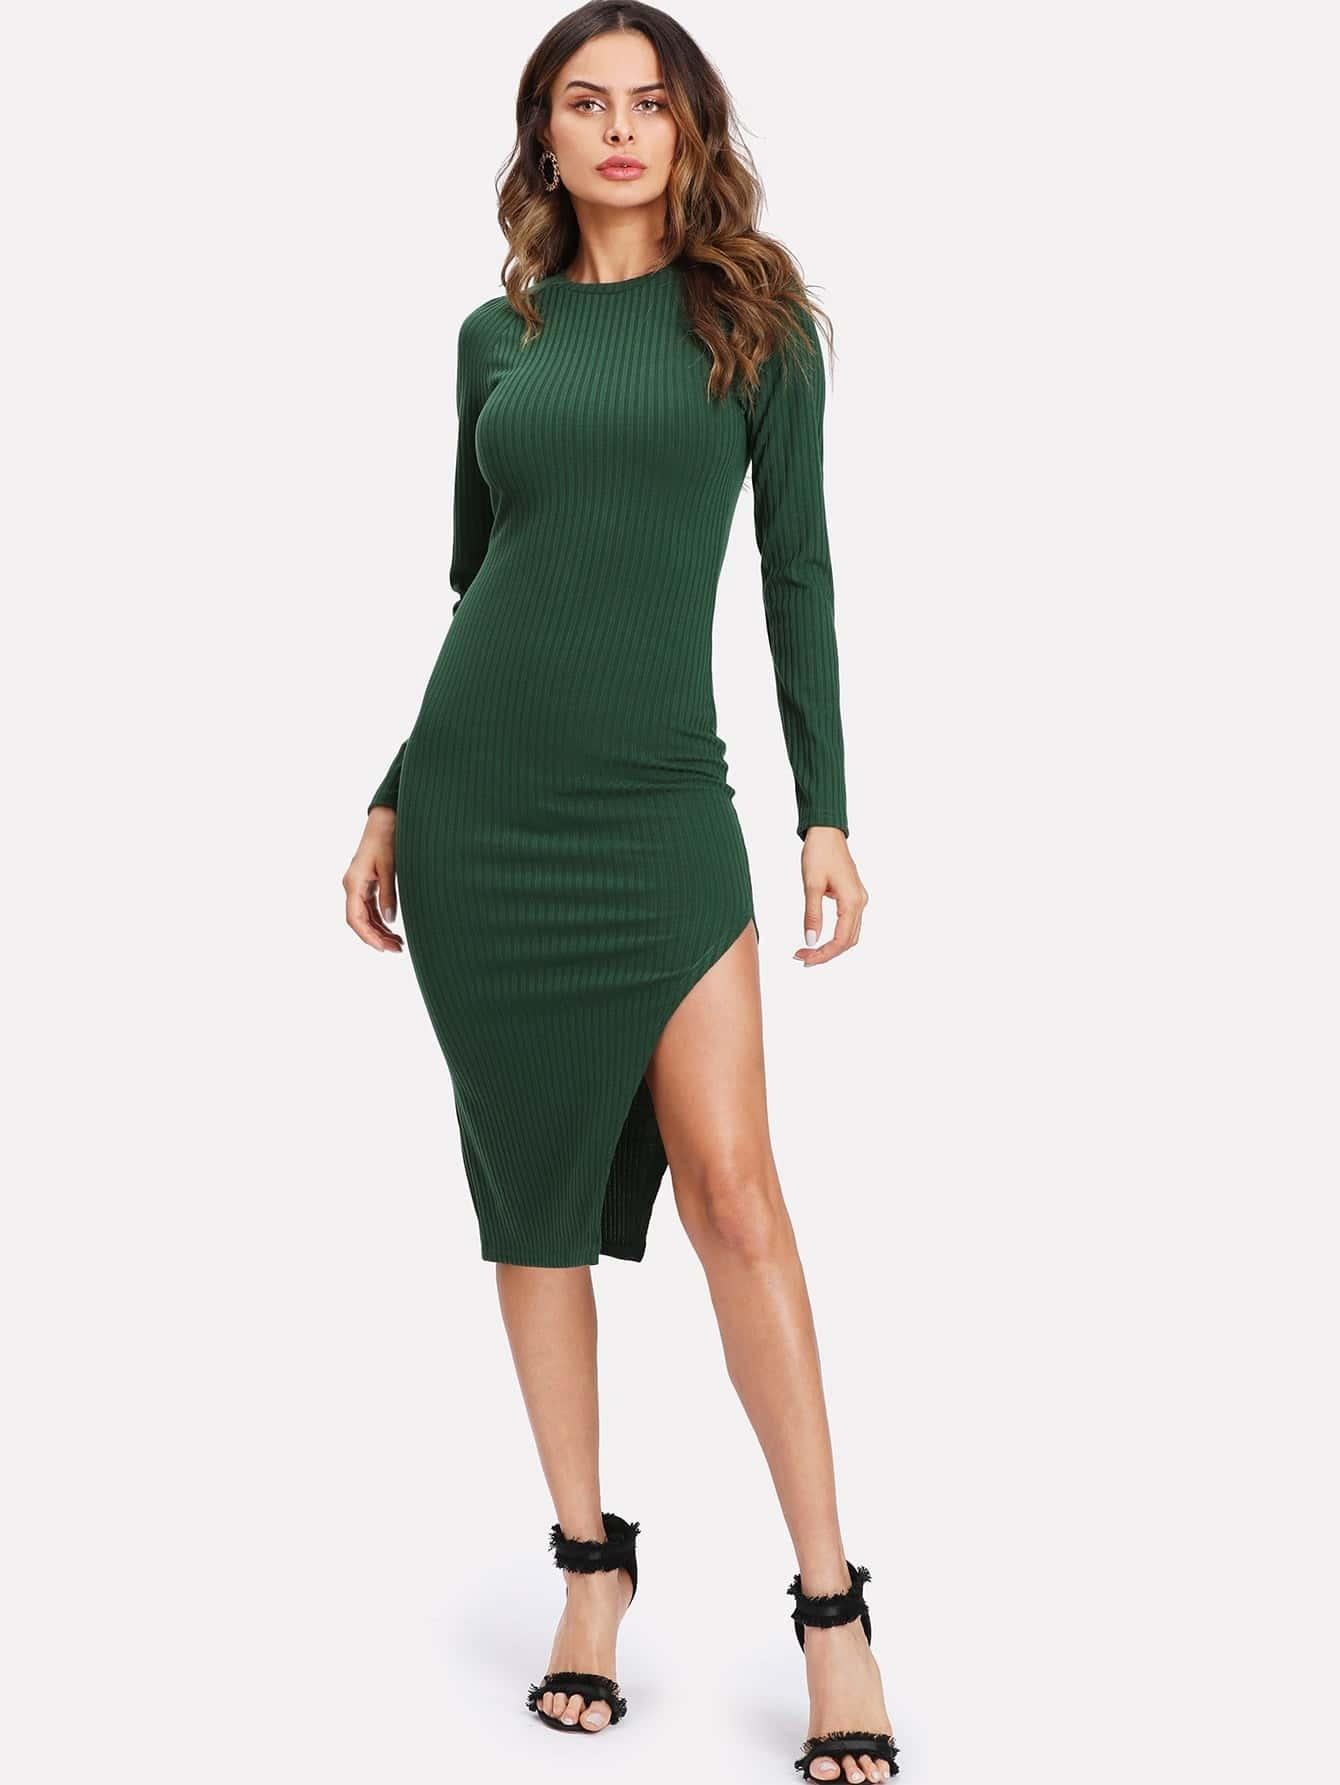 Asymmetrical Slit Hem Ribbed Knit Dress dress171120704